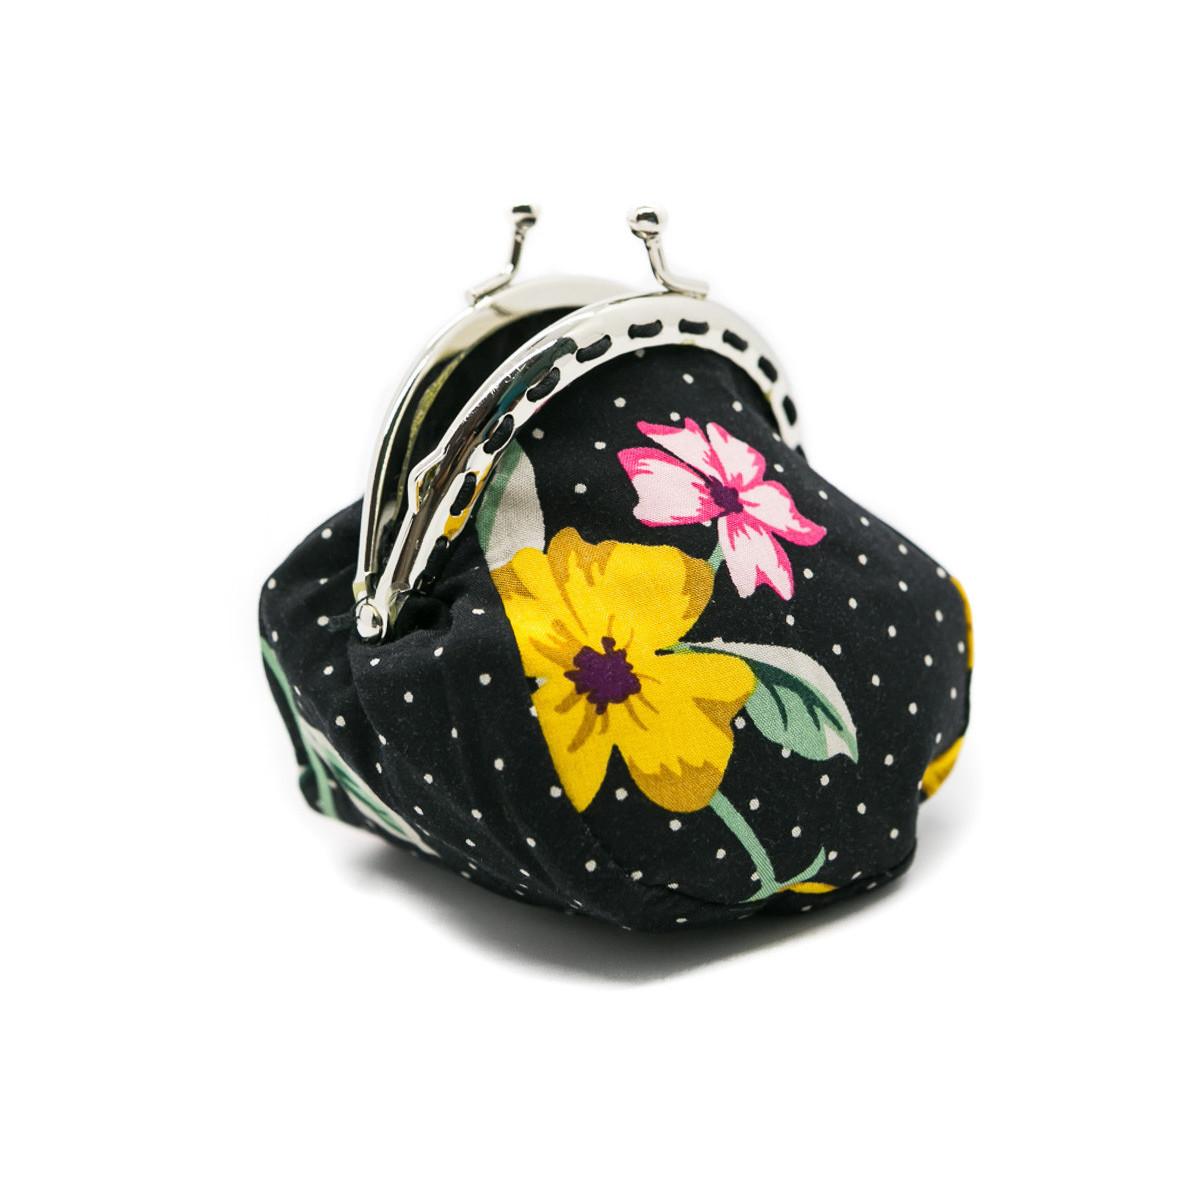 Petit porte-monnaie bourse à clip rétro noir à fleurs colorées